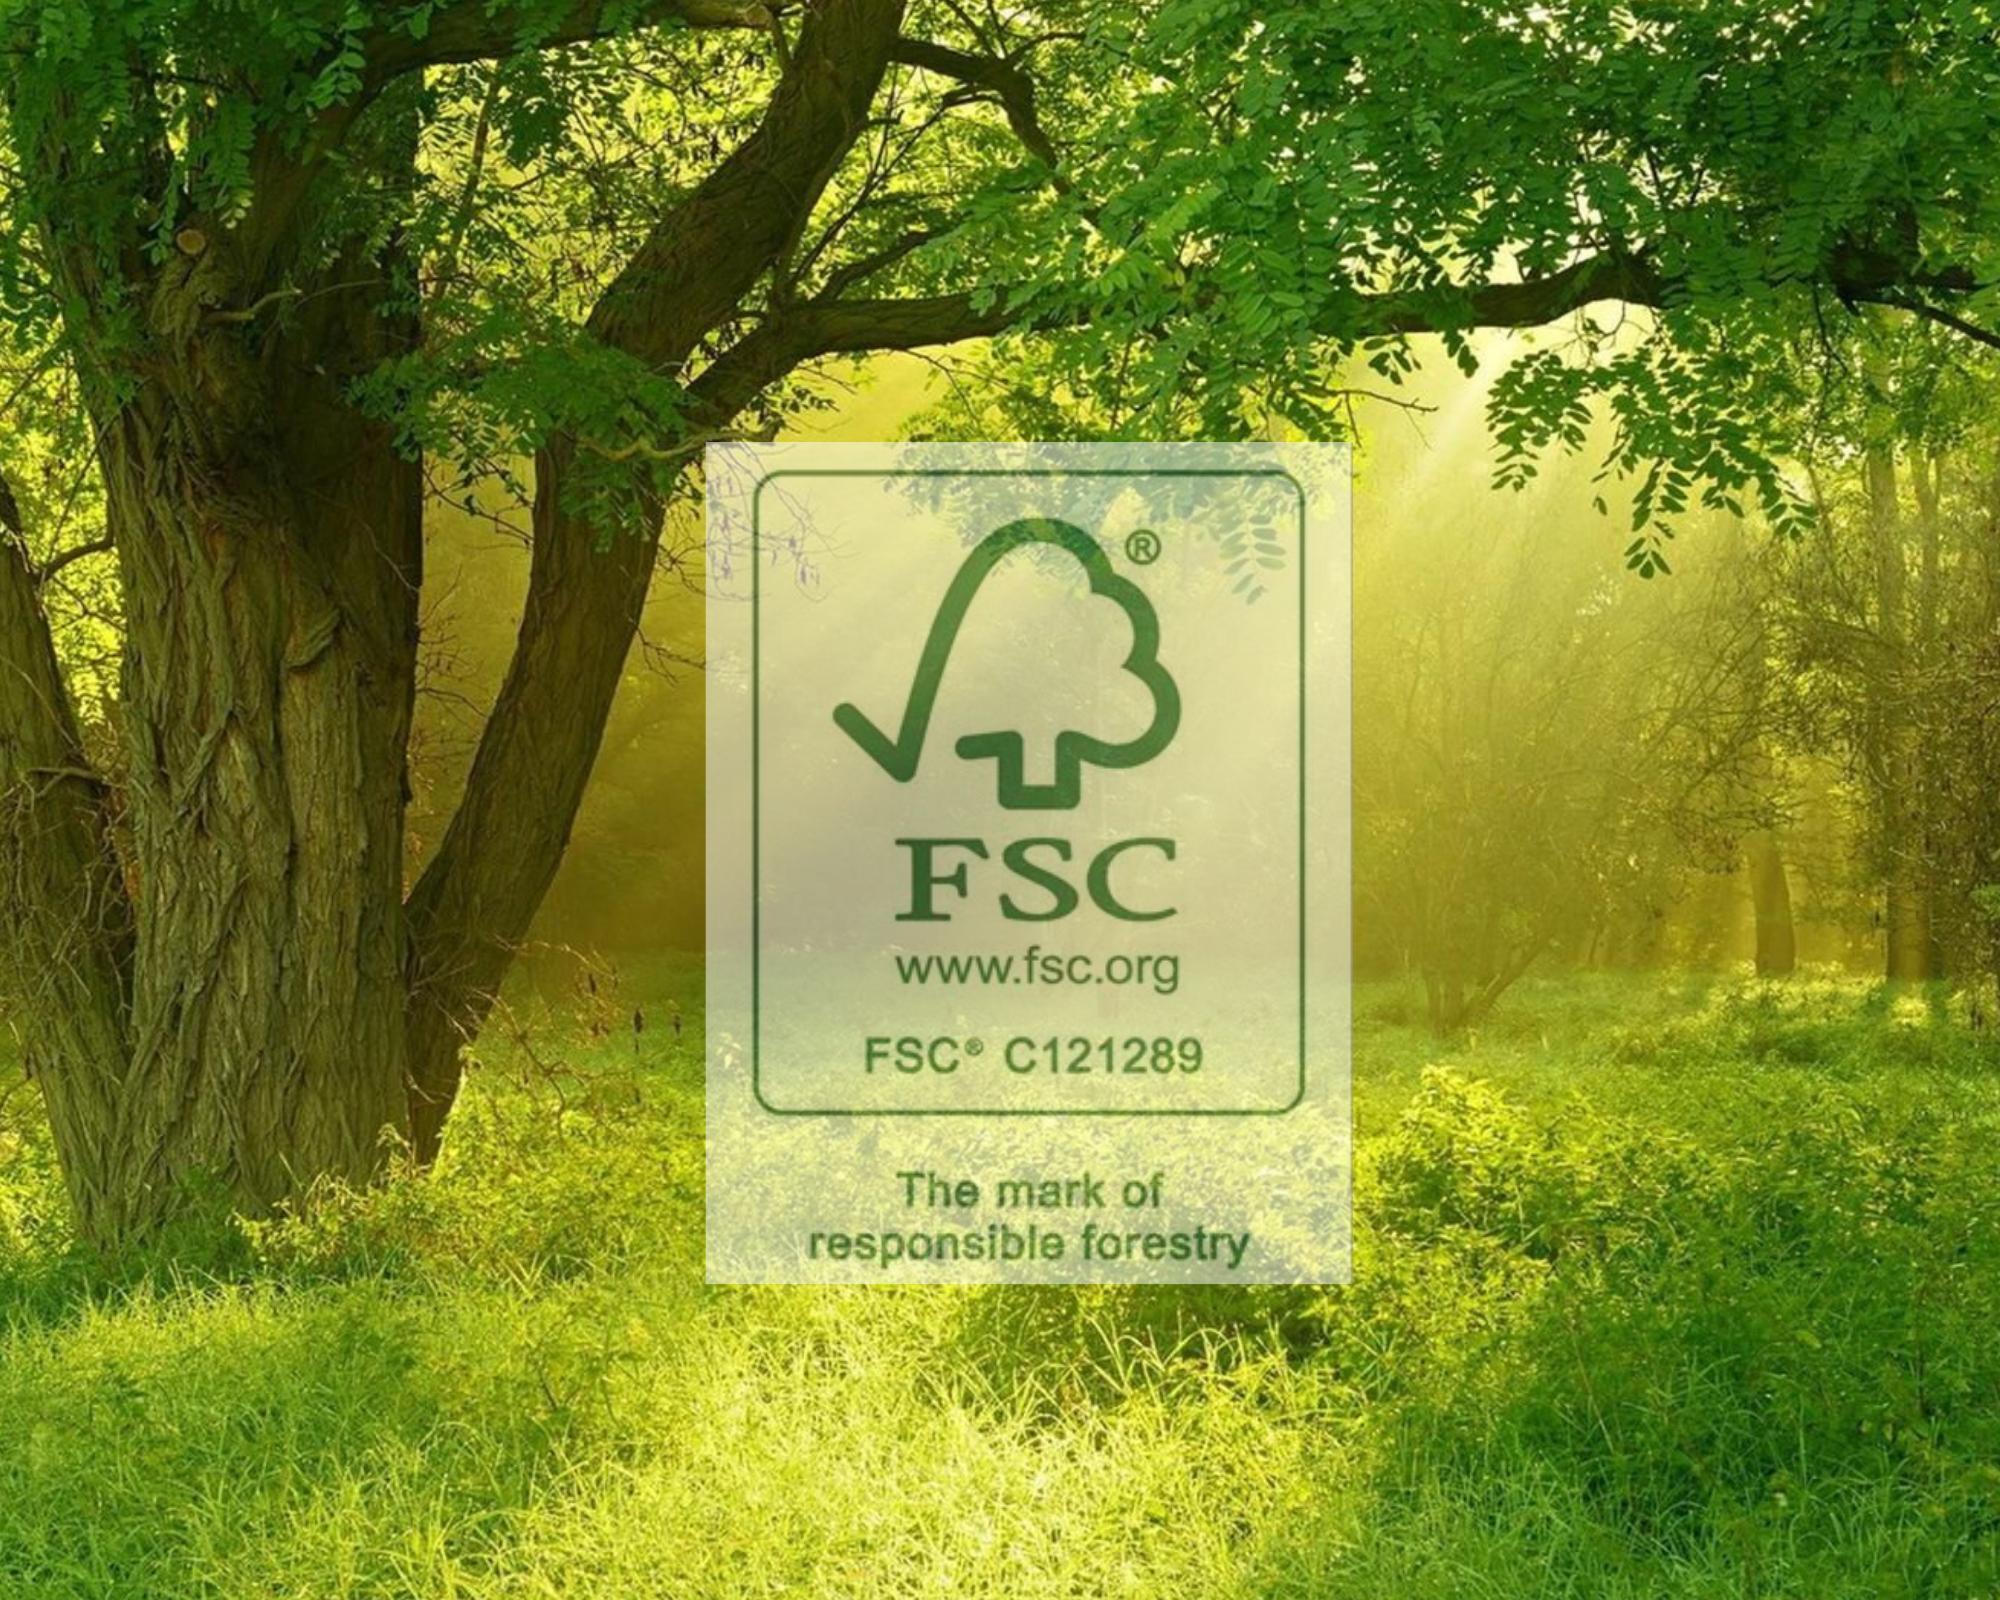 Tiêu chuẩn rừng bền vững FSC